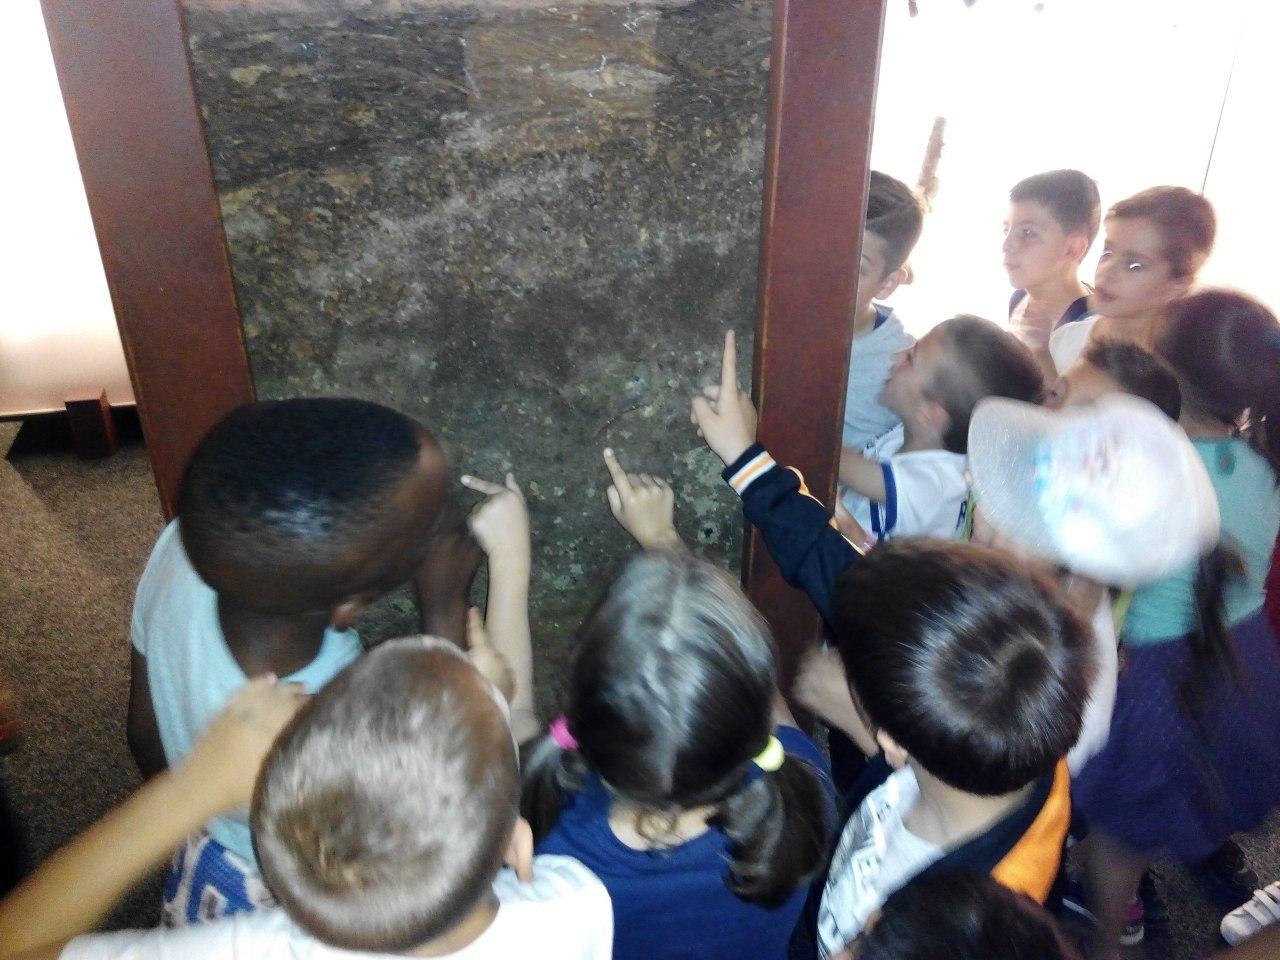 Visita a la exposición El Bosque. 1º 2º Primaria. CEIP Pinocho. 2016/17 16